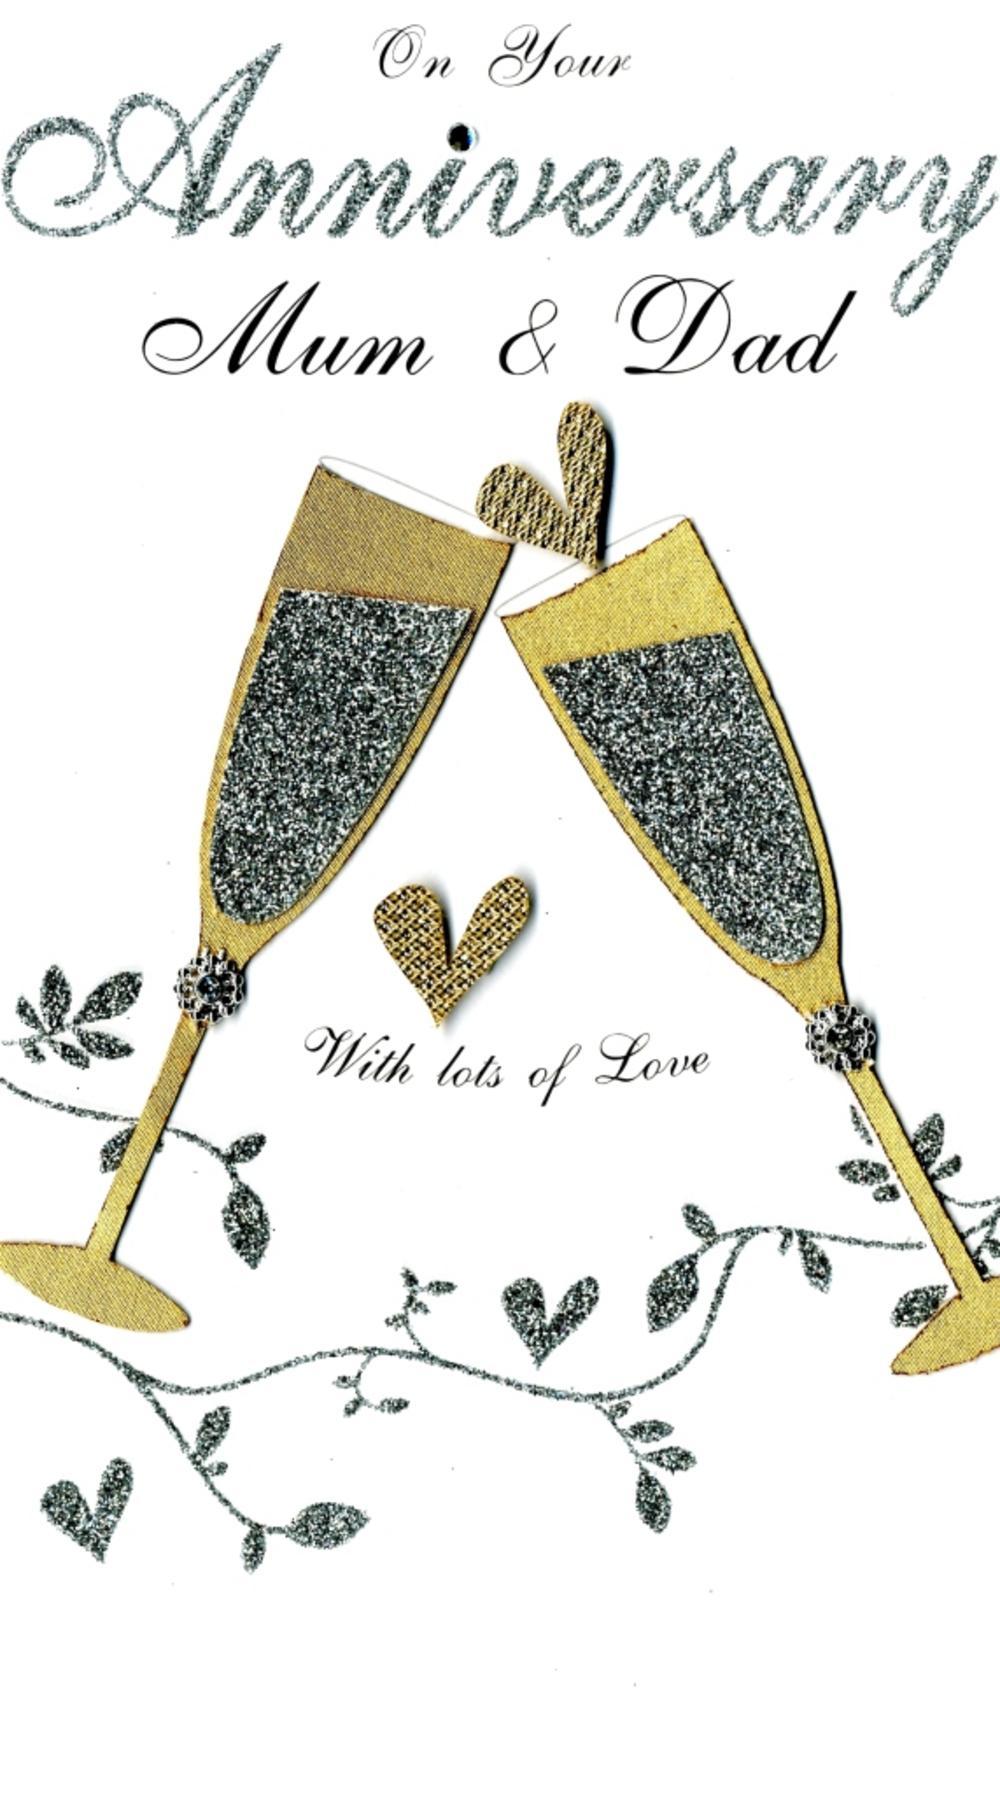 Mum & Dad Anniversary Luxury Champagne Greeting Card